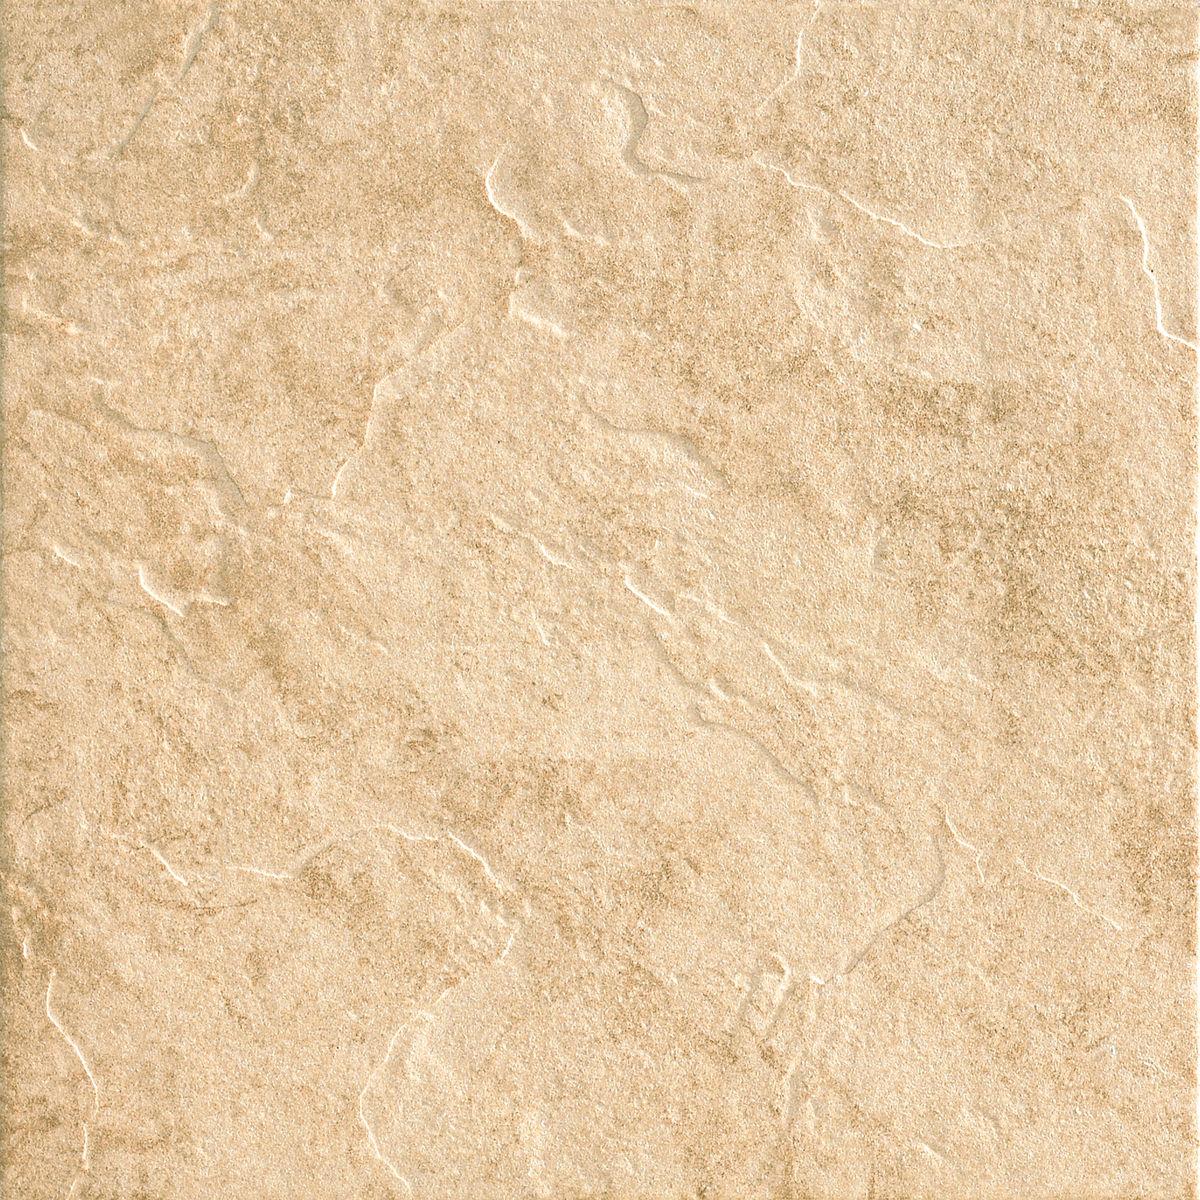 Керамогранит Zeus Ceramica Casa Geo Beige 45х45 Cp8118181p